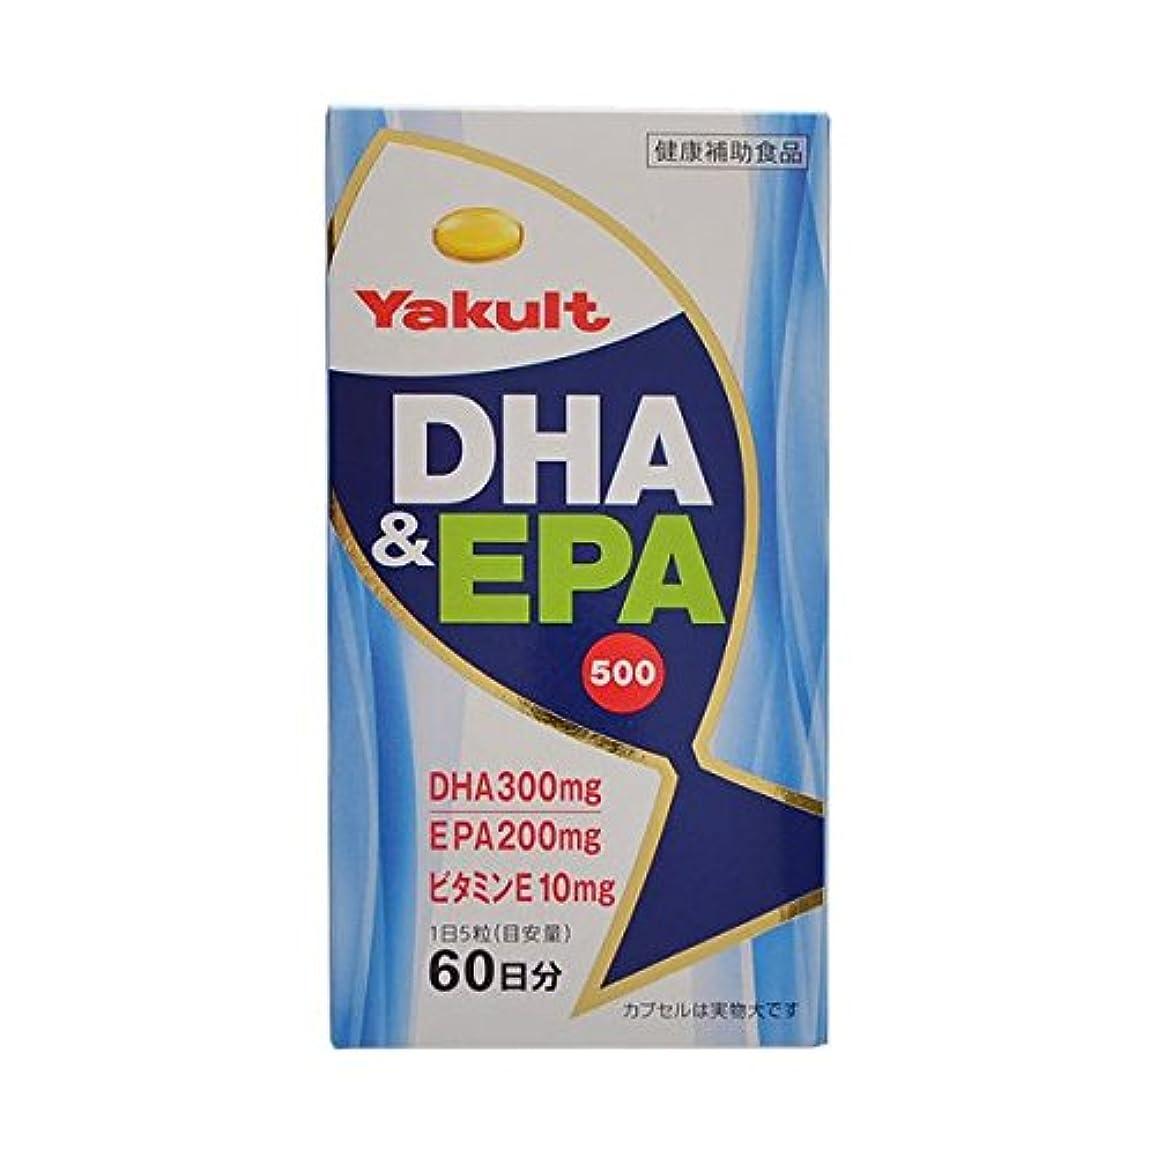 ヤクルト DHA&EPA500 430mg×300粒【2個セット】